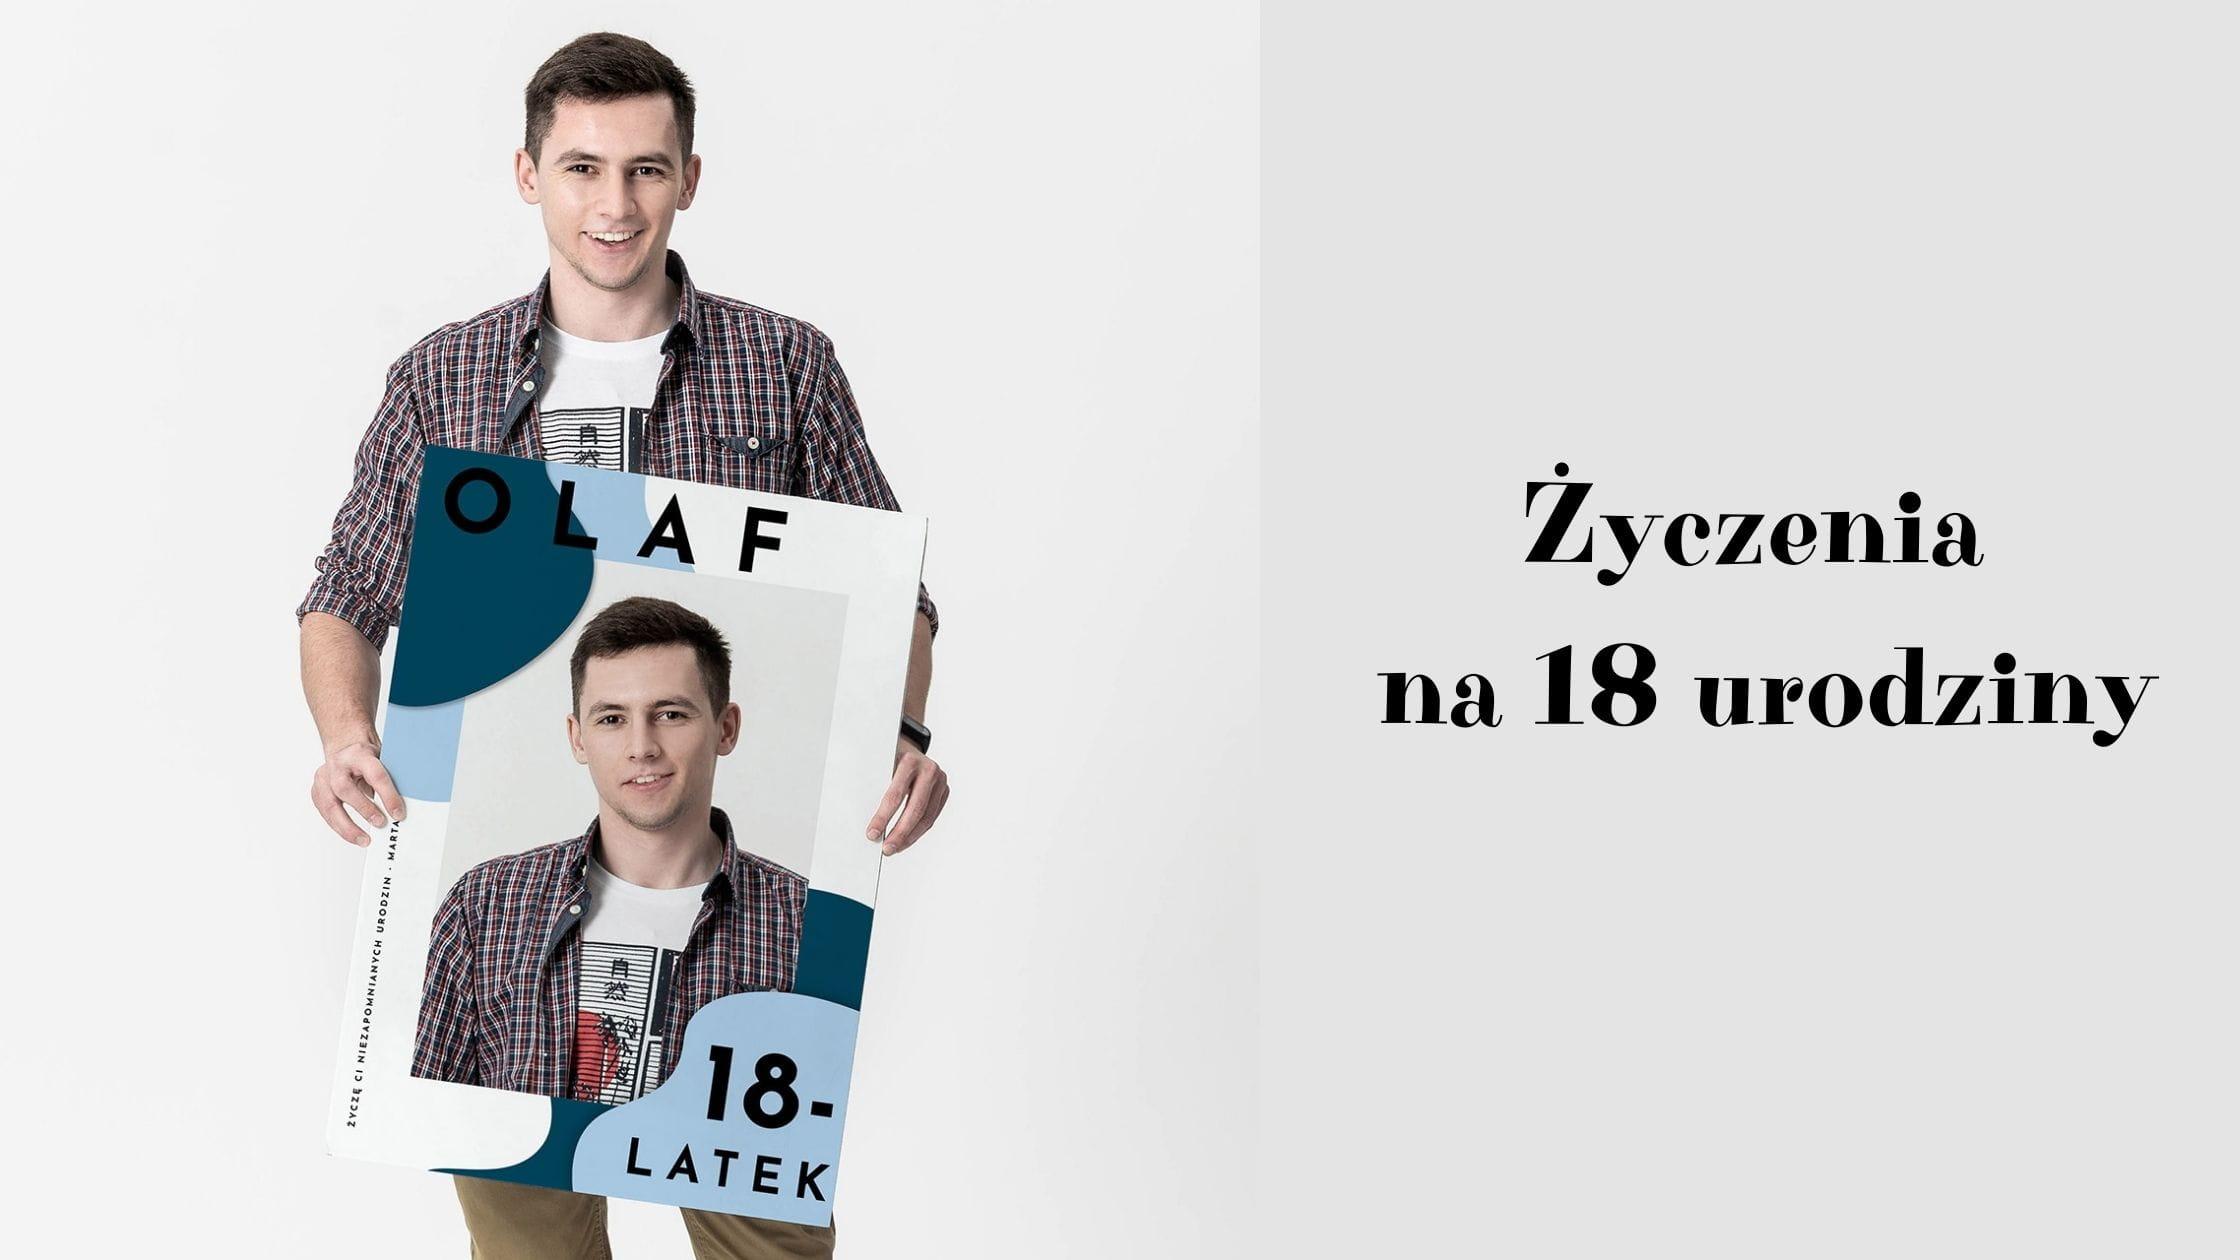 Życzenia na 18 urodziny rymowane, zabawne i krótkie